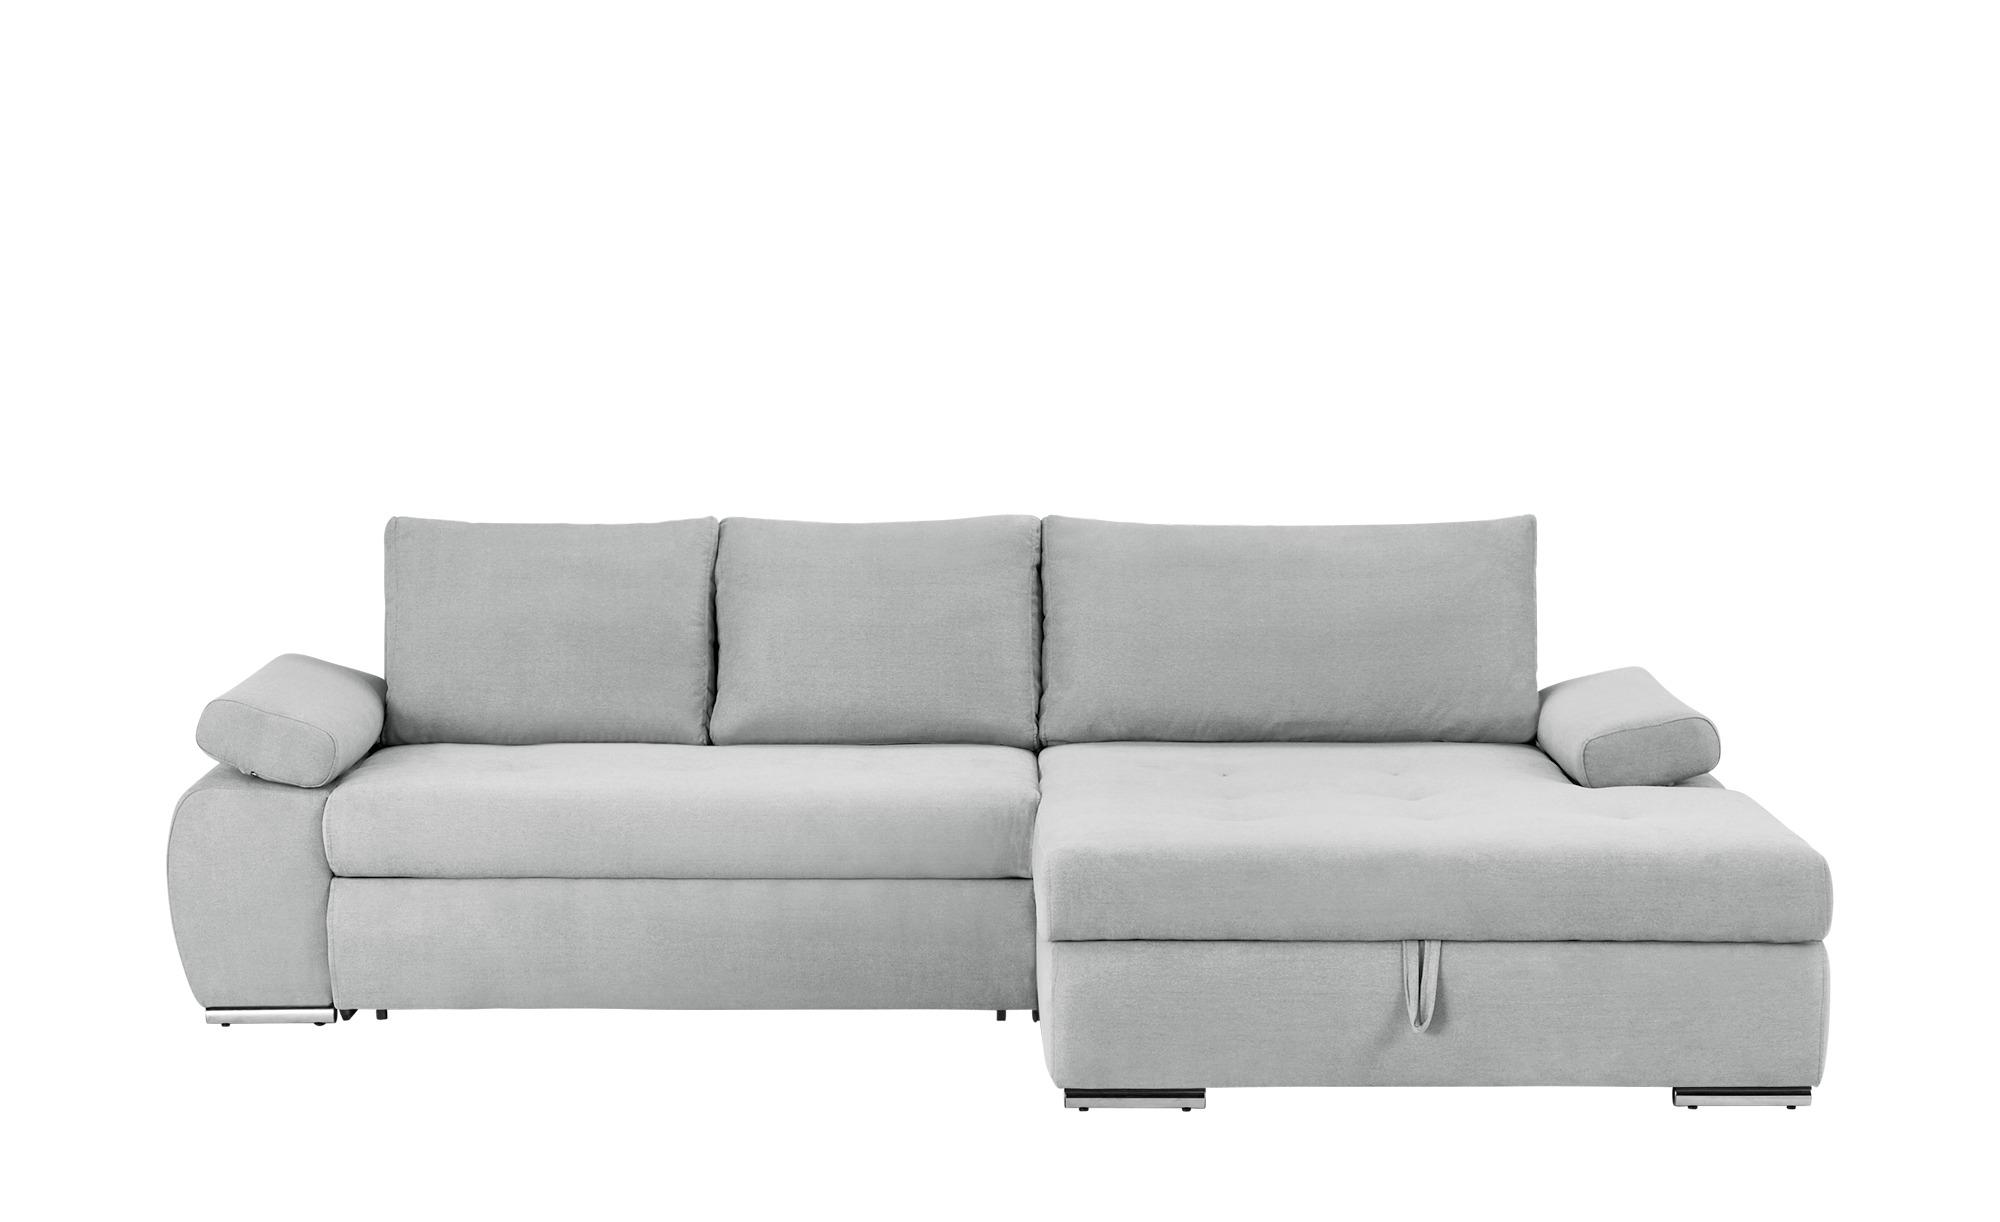 Smart ecksofa ibby breite h he 73 cm online kaufen bei for Ecksofa ibby